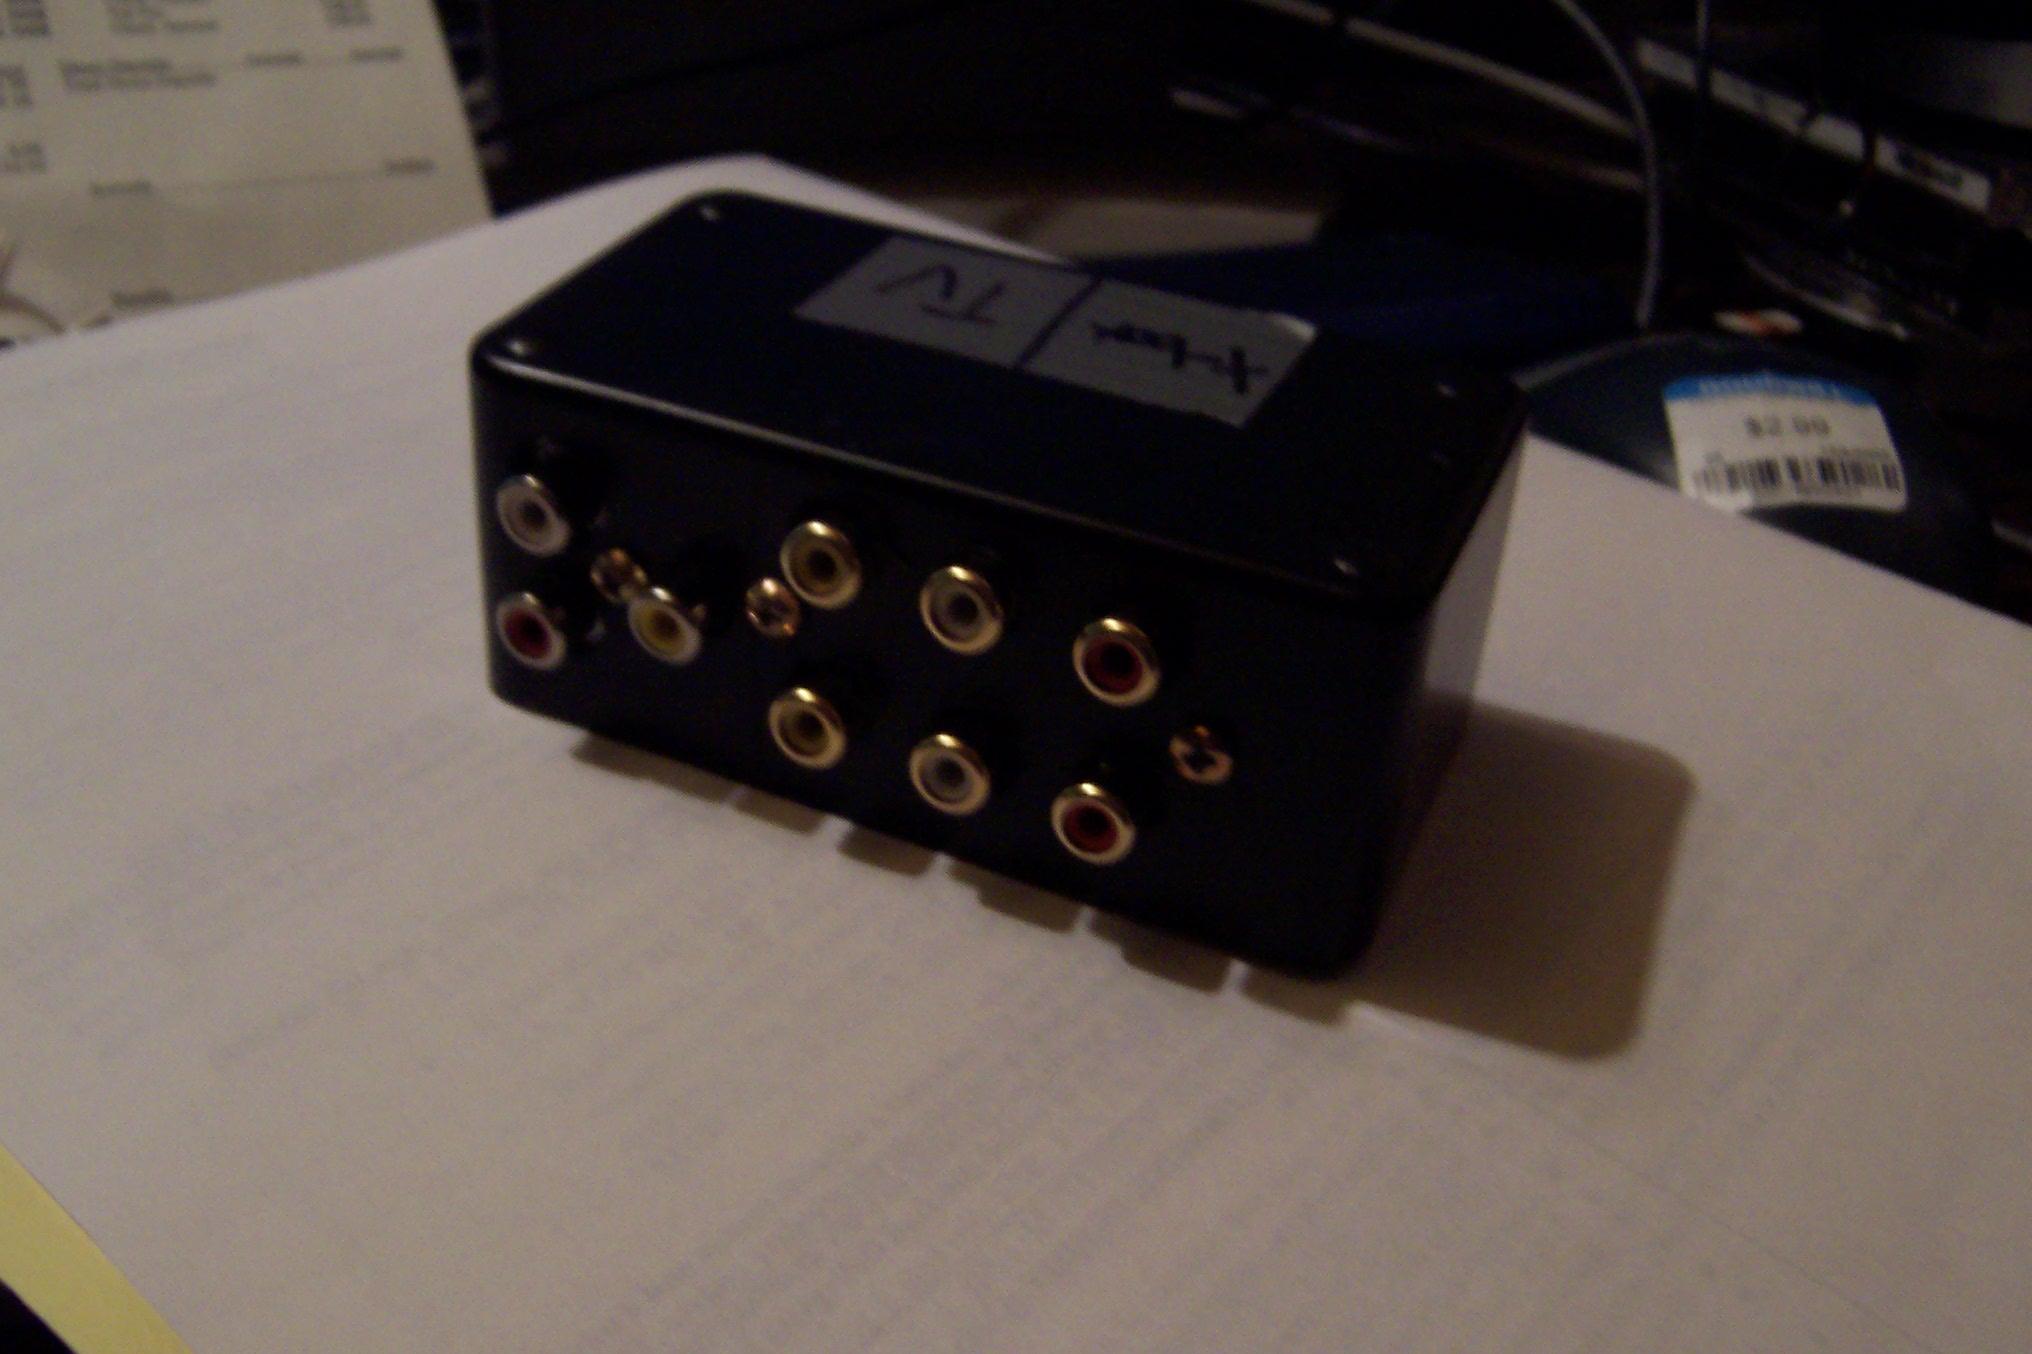 RCA / composit AV switch